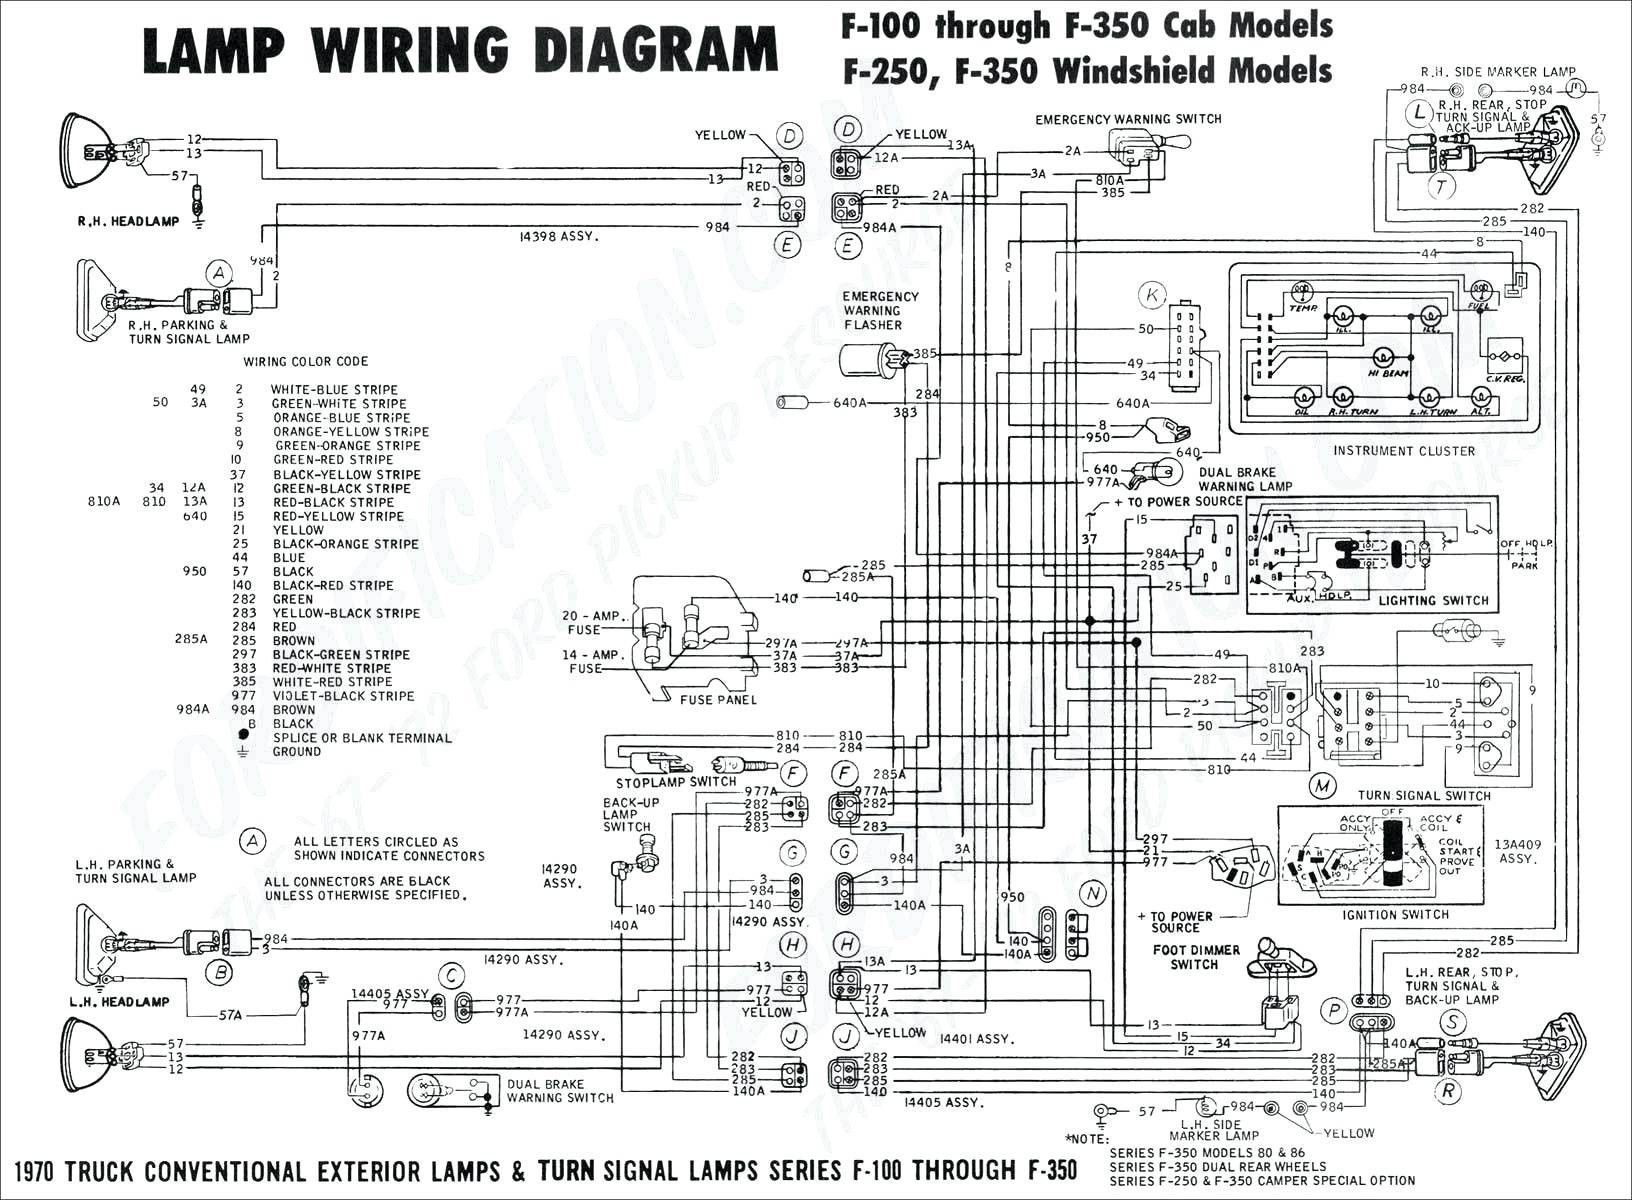 [DIAGRAM] 1996 Vw Engine Diagram